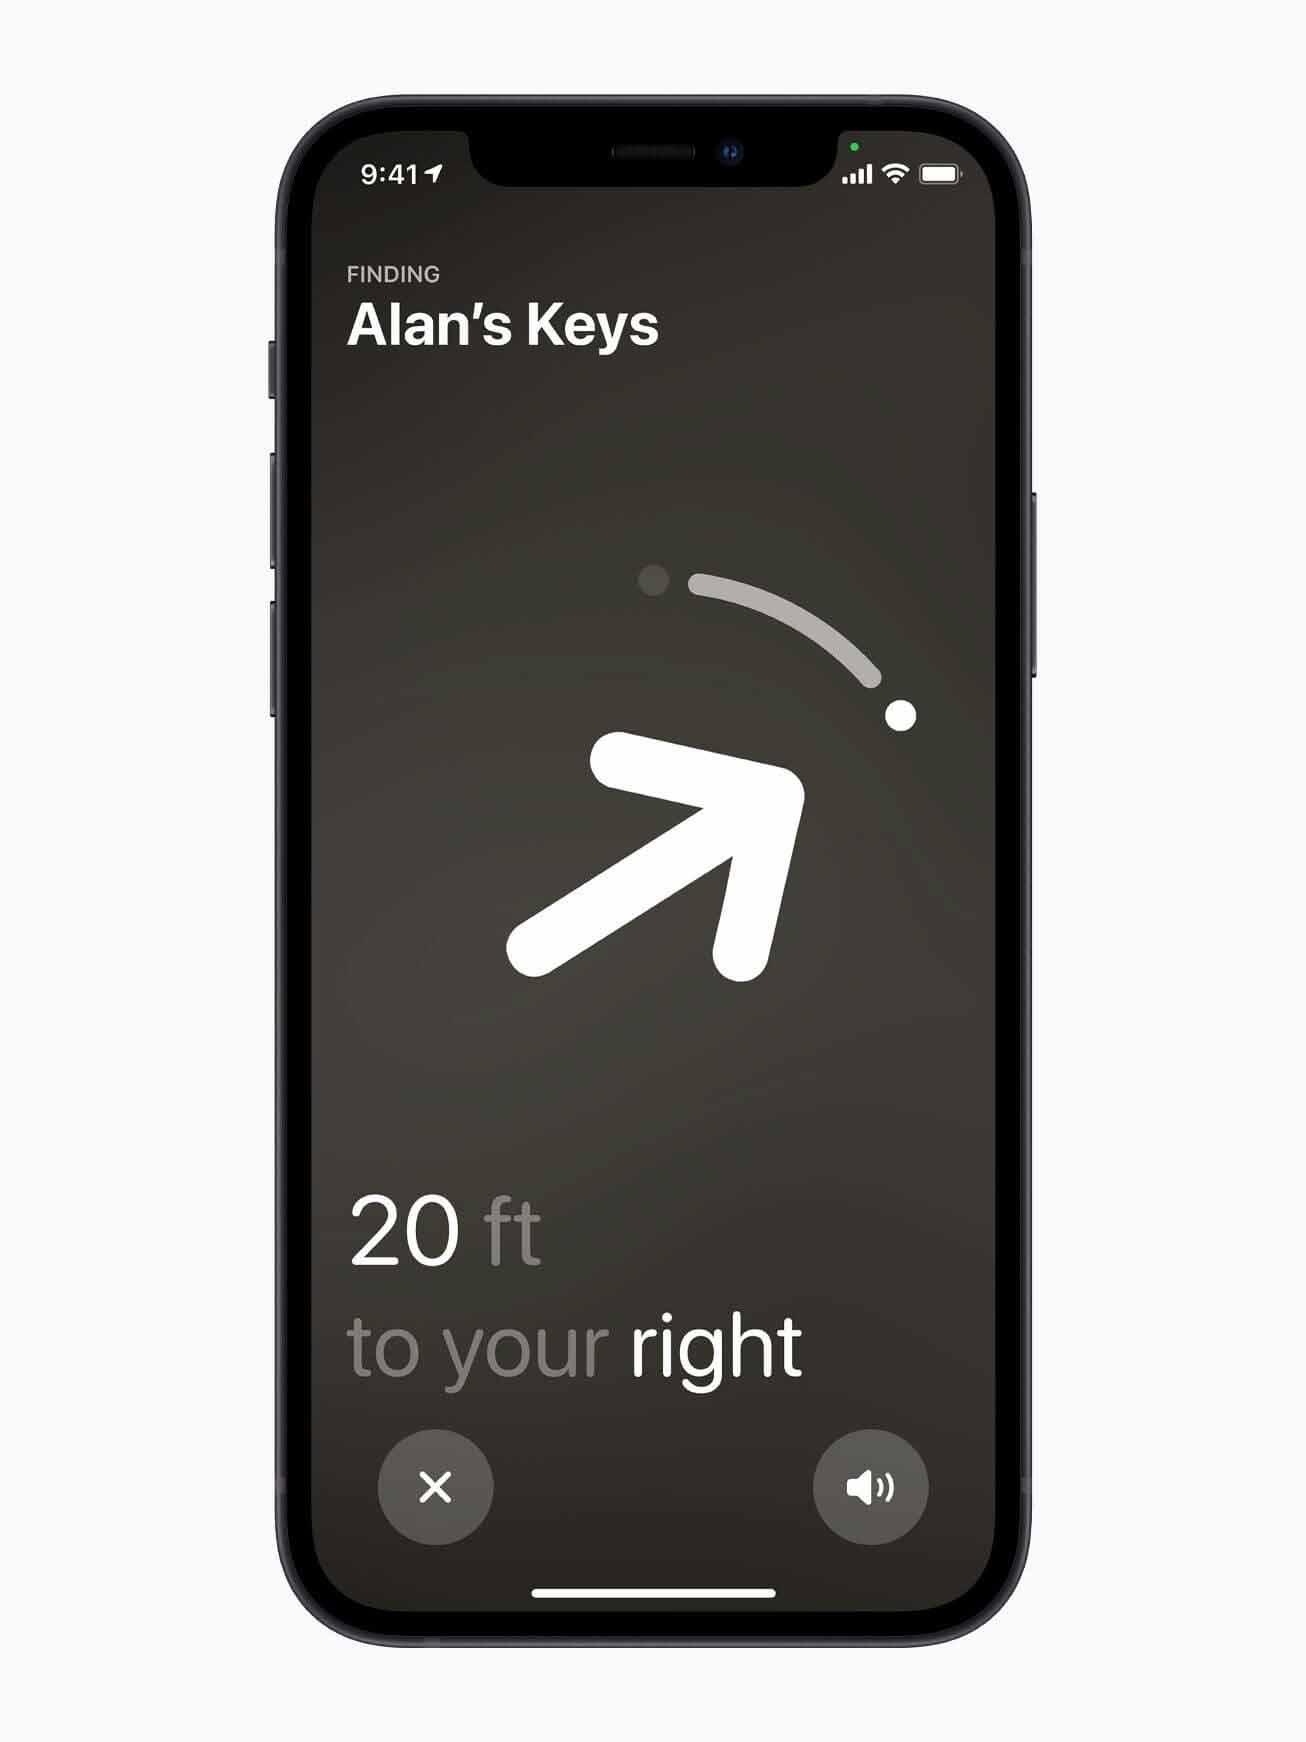 Обзор AirTag: простой в использовании трекер предметов, поддерживаемый сетью из миллиарда пользователей iPhone